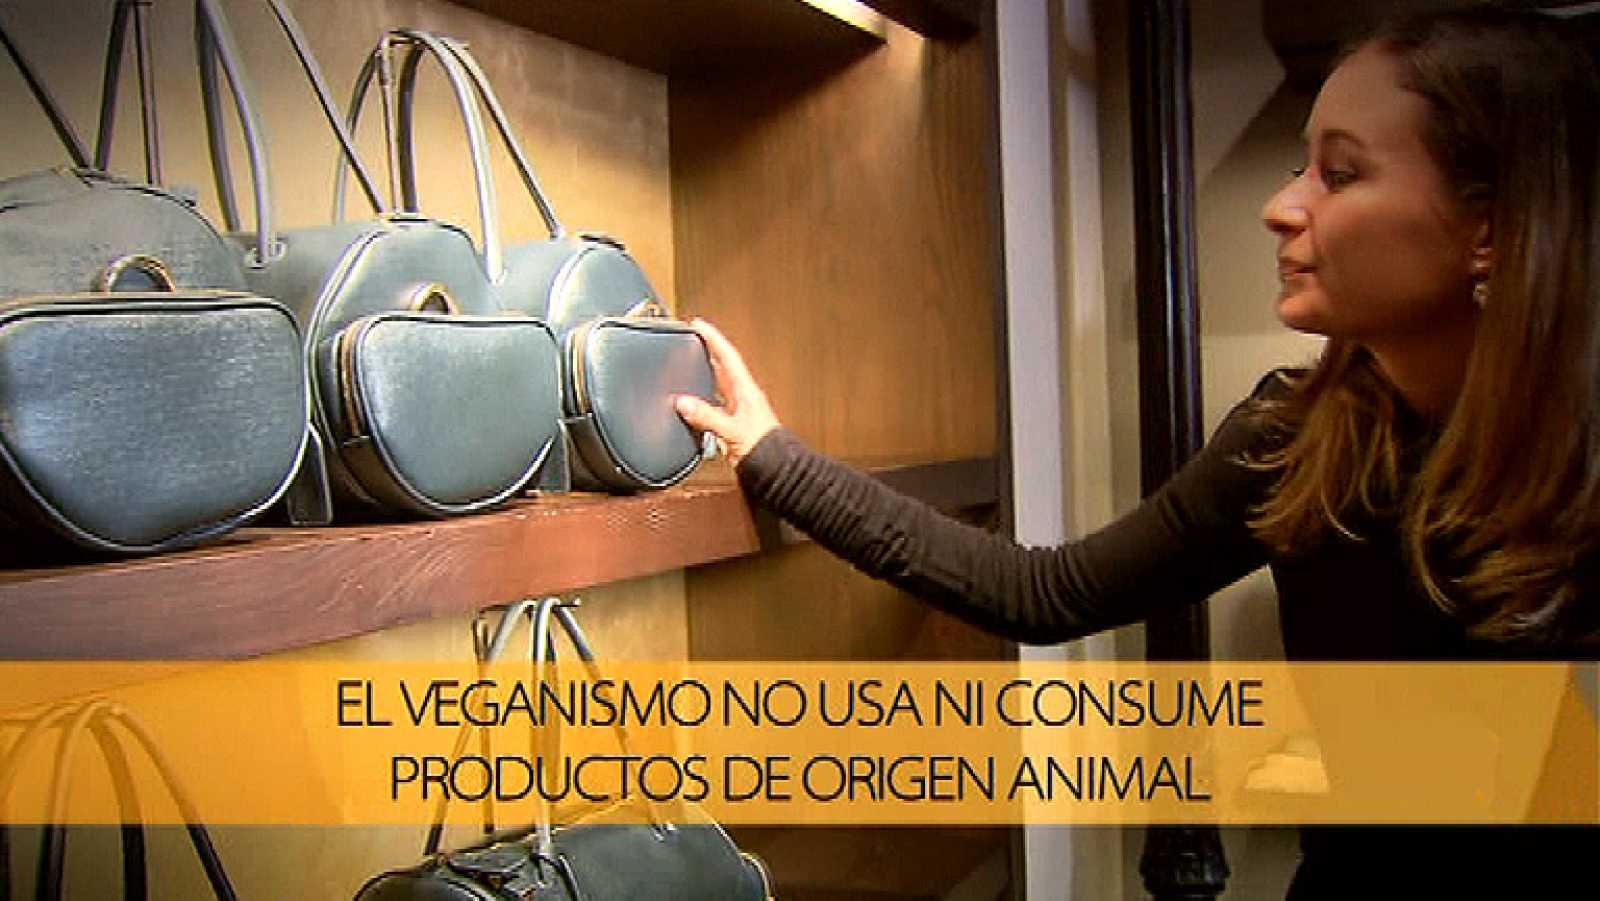 Solo moda - Tiziana Domínguez nos presenta su colección de bolsos veganos